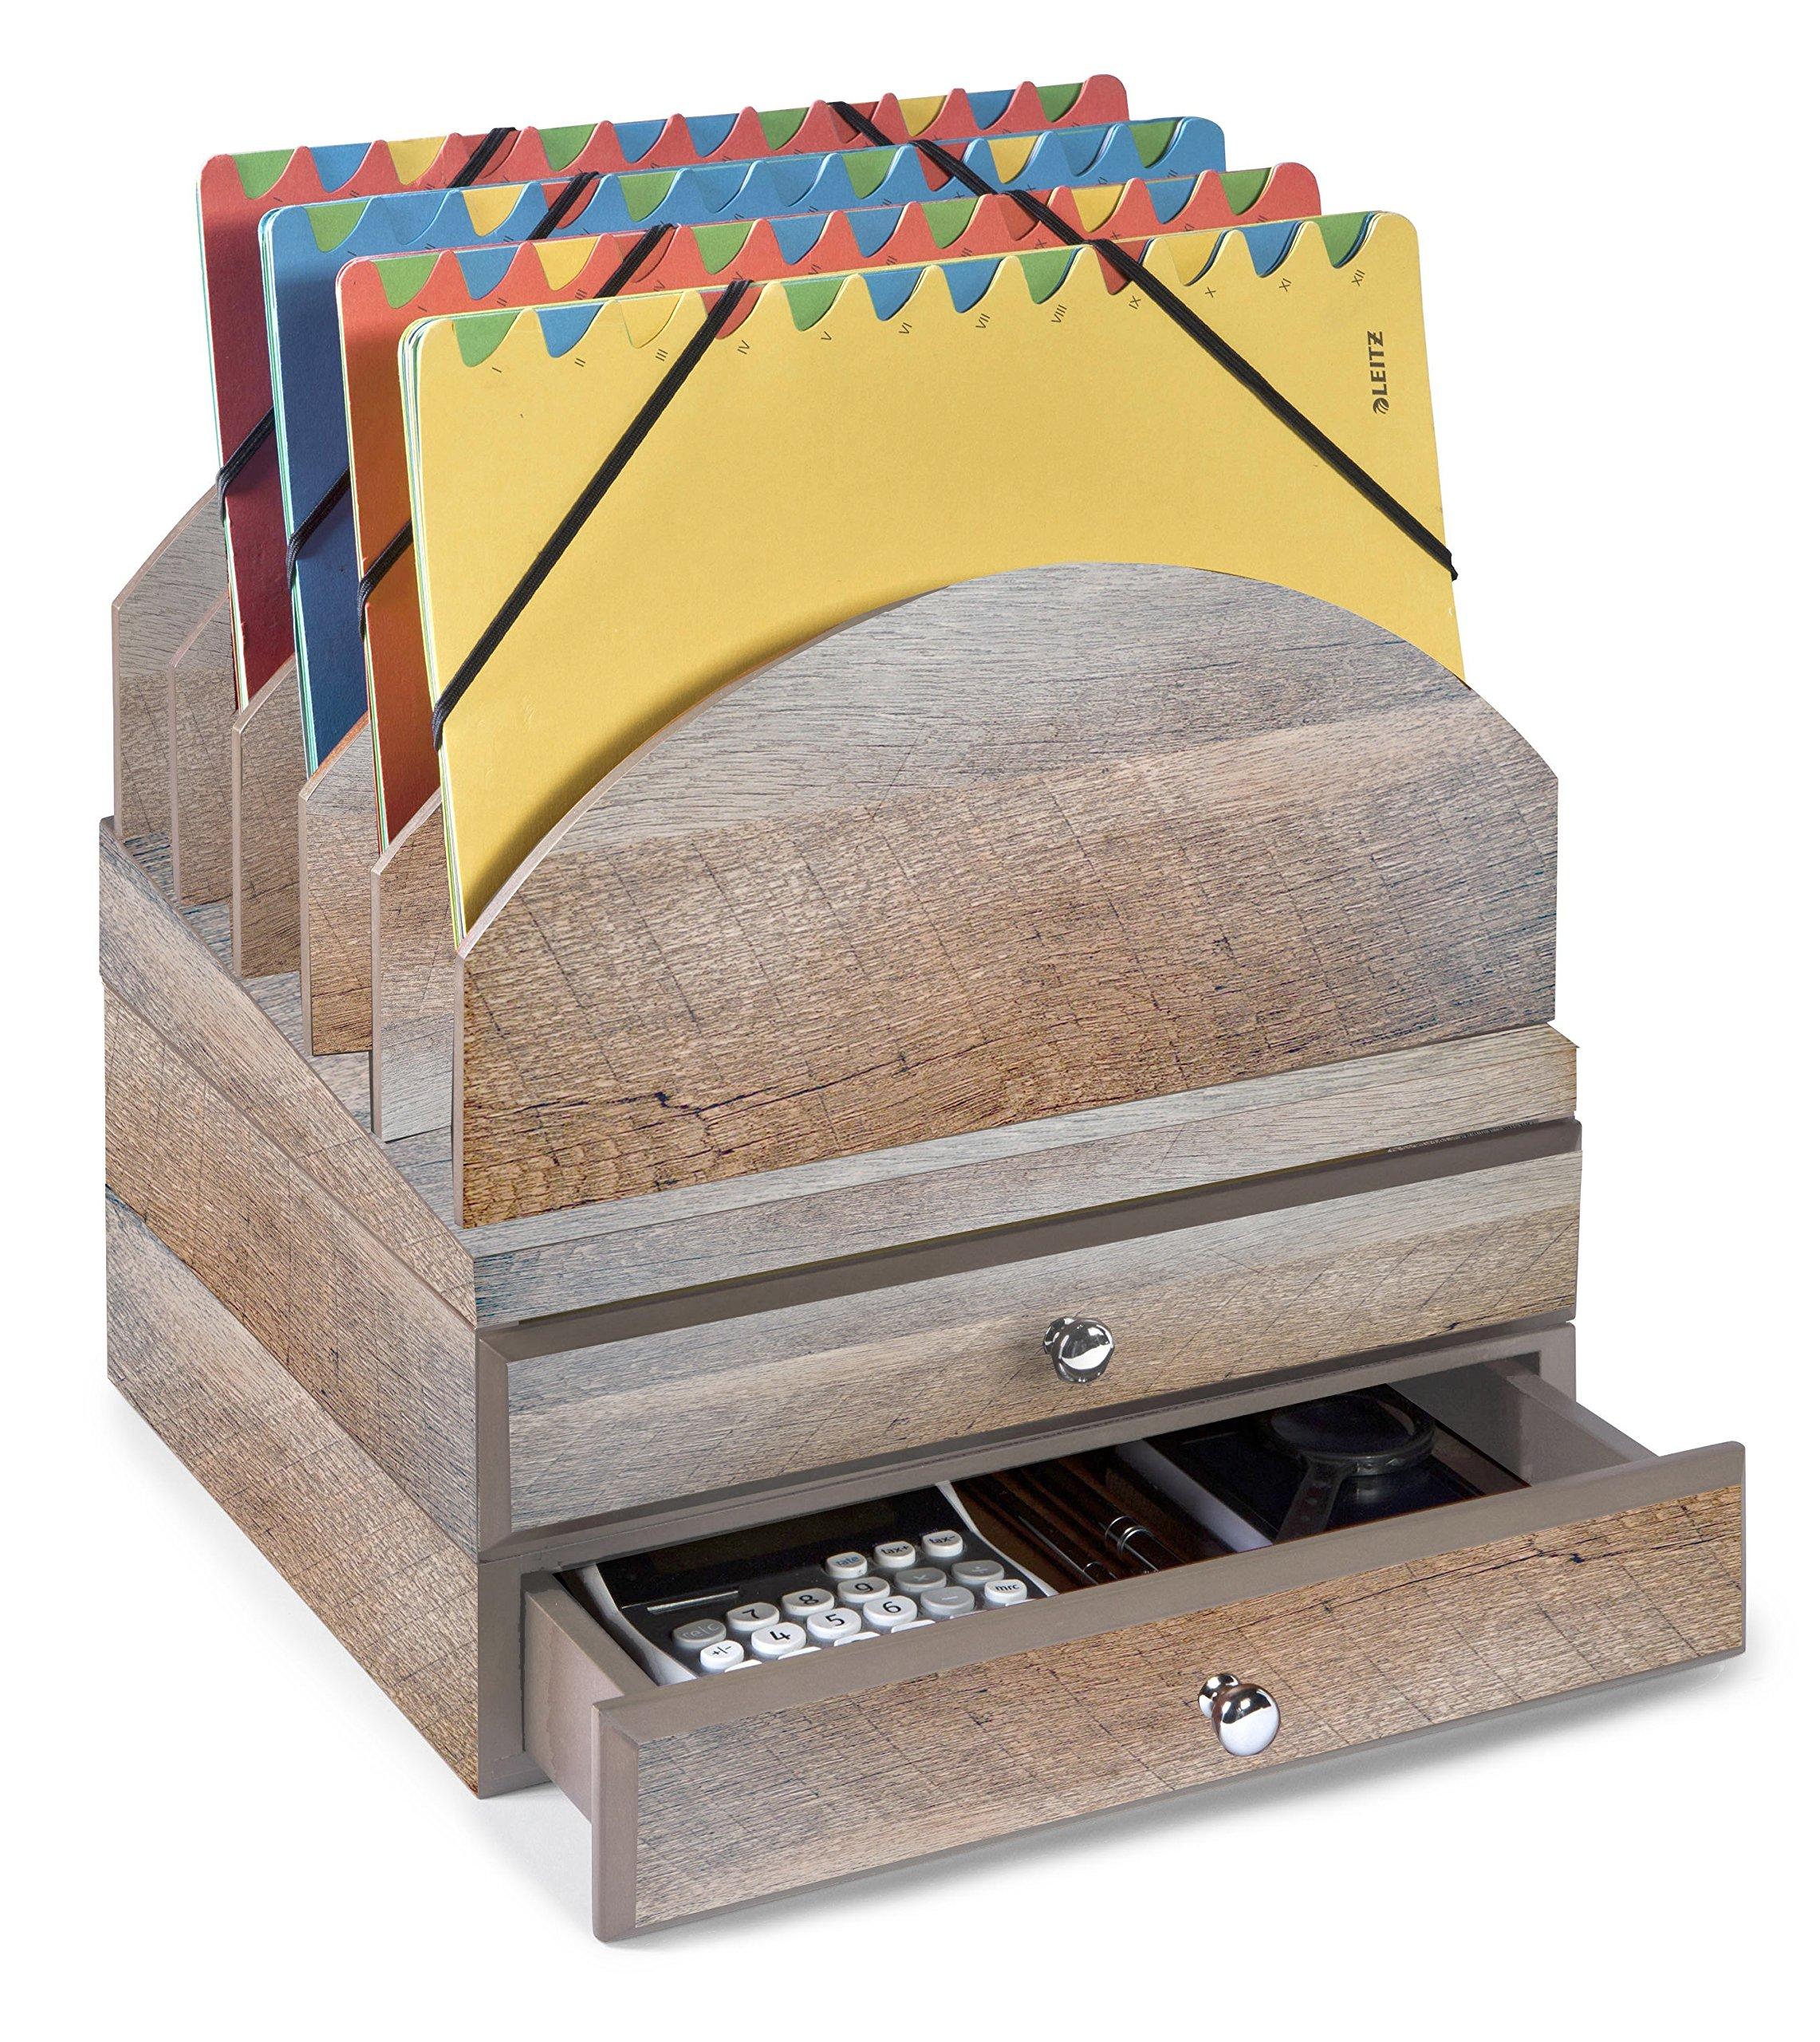 Bindertek Stacking Wood Desk Organizers Step Up File & 2 Drawer Kit, Driftwood